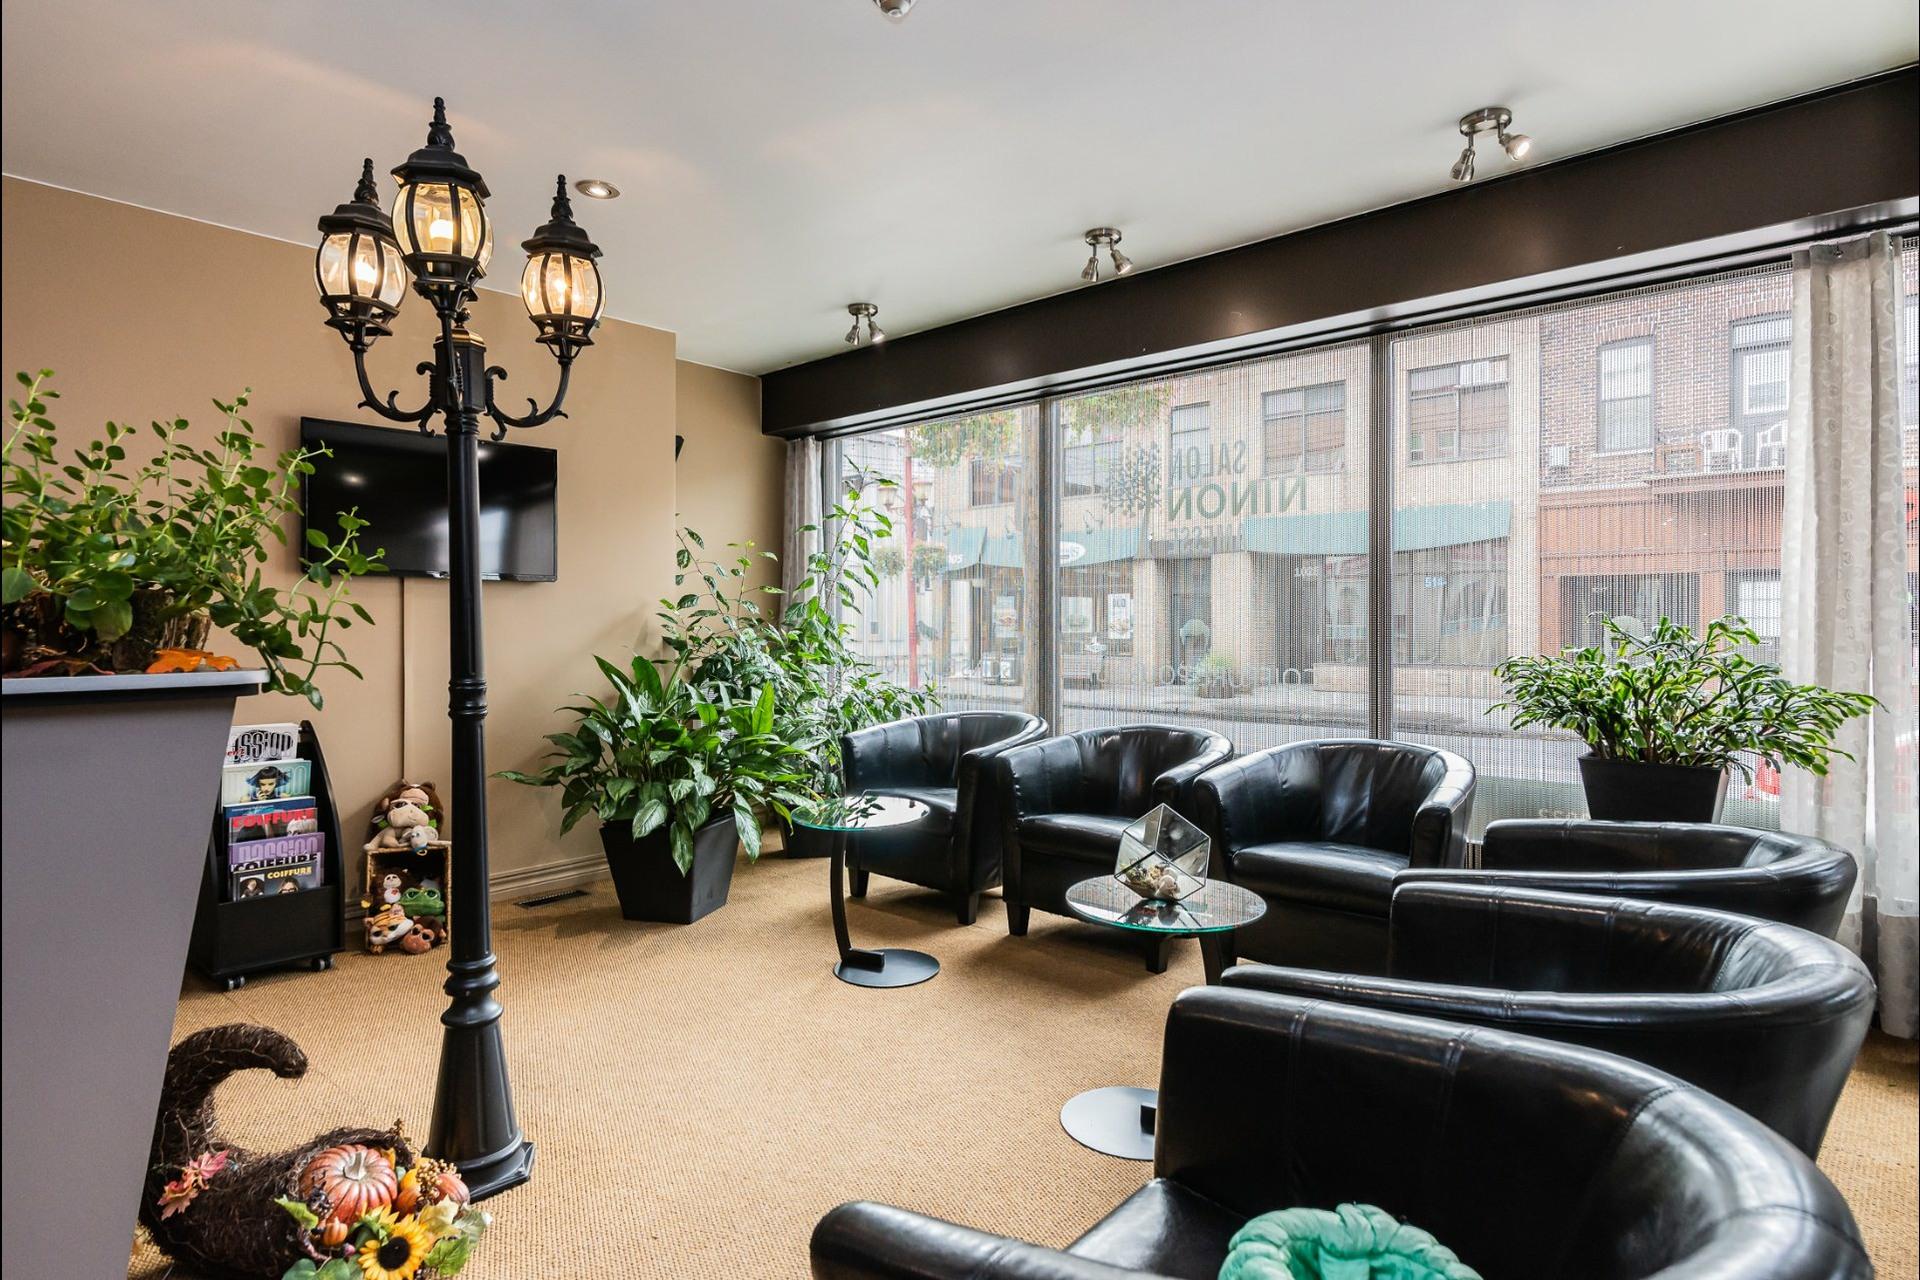 image 4 - Duplex For sale Lachine Montréal  - 4 rooms